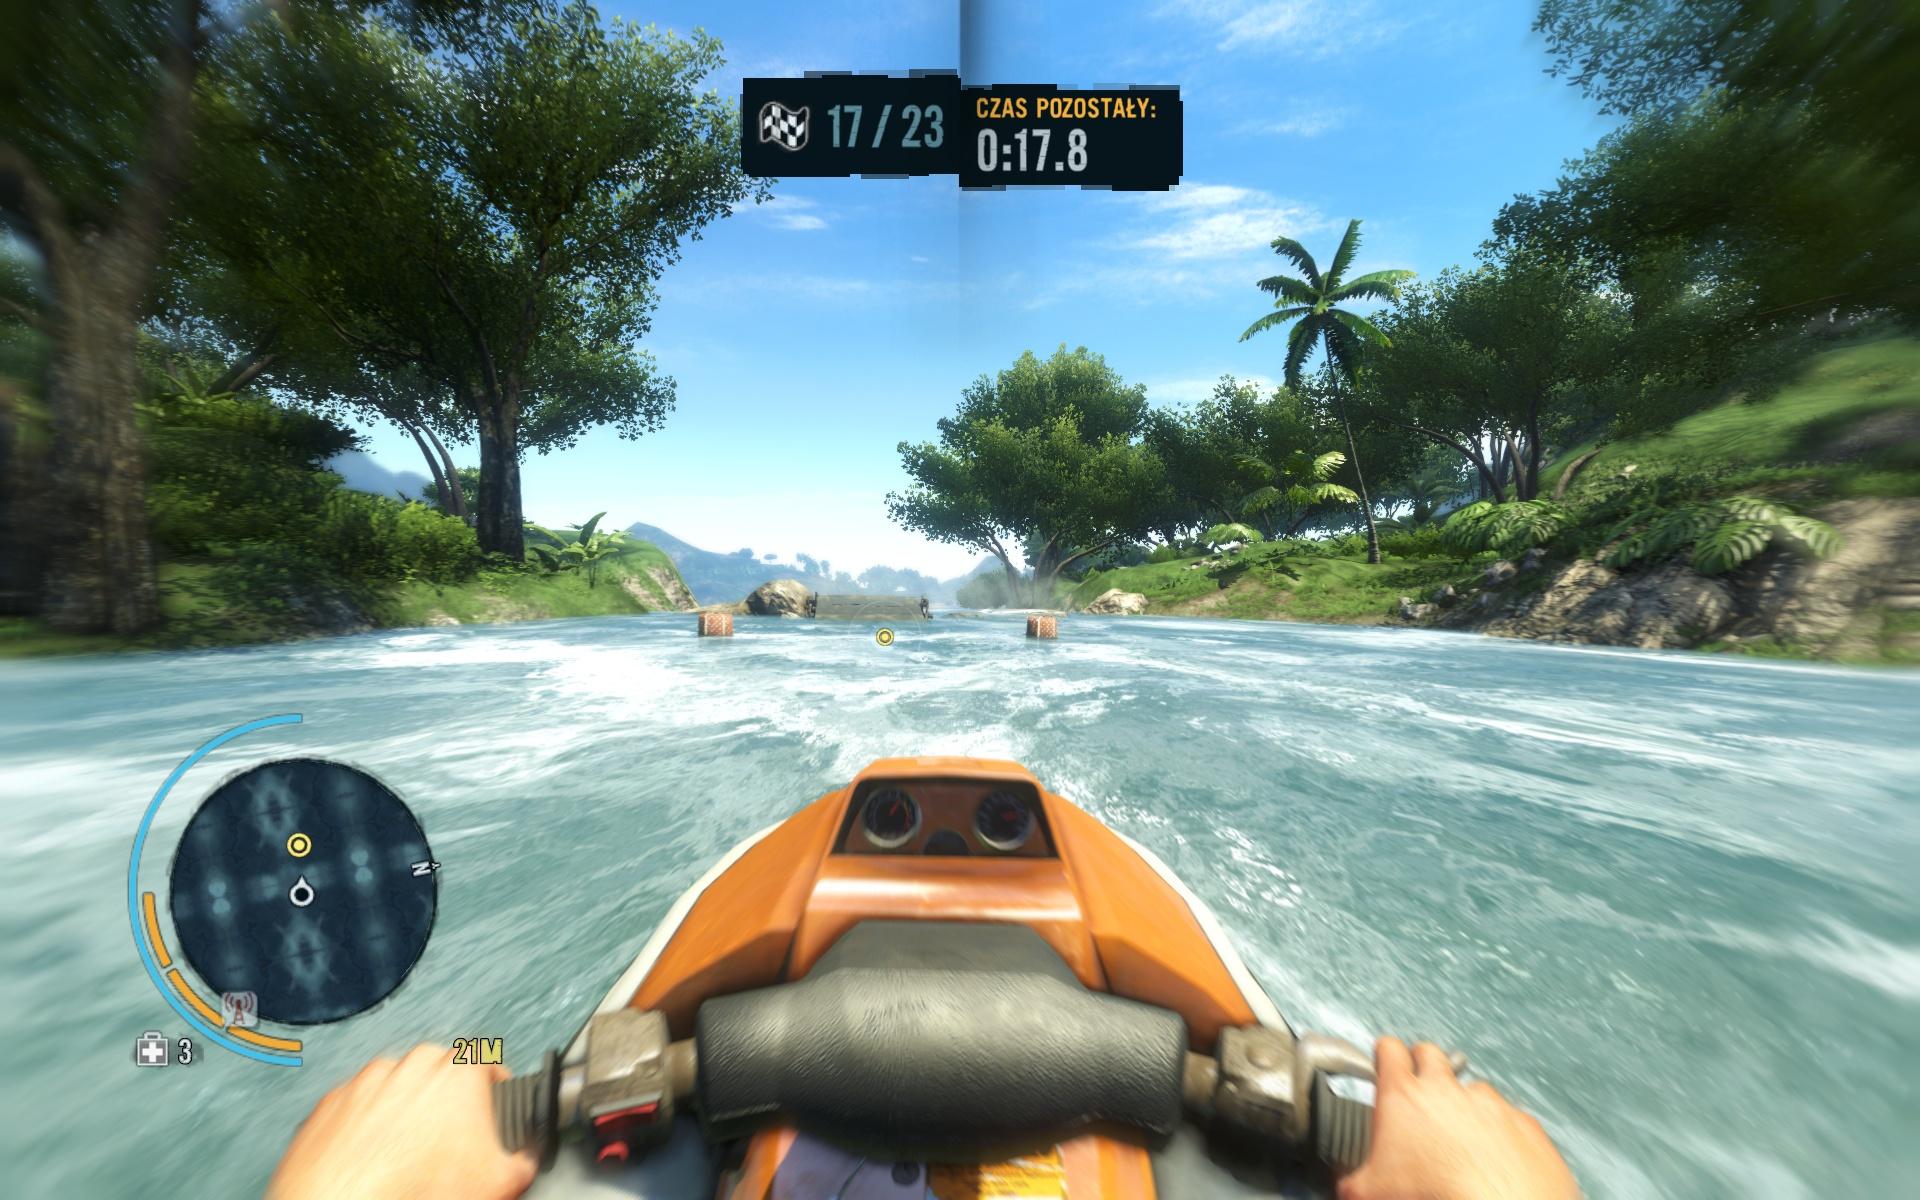 Opcja resetowania posterunków i nowy poziom trudności wkrótce w Far Cry 3 - obrazek 1